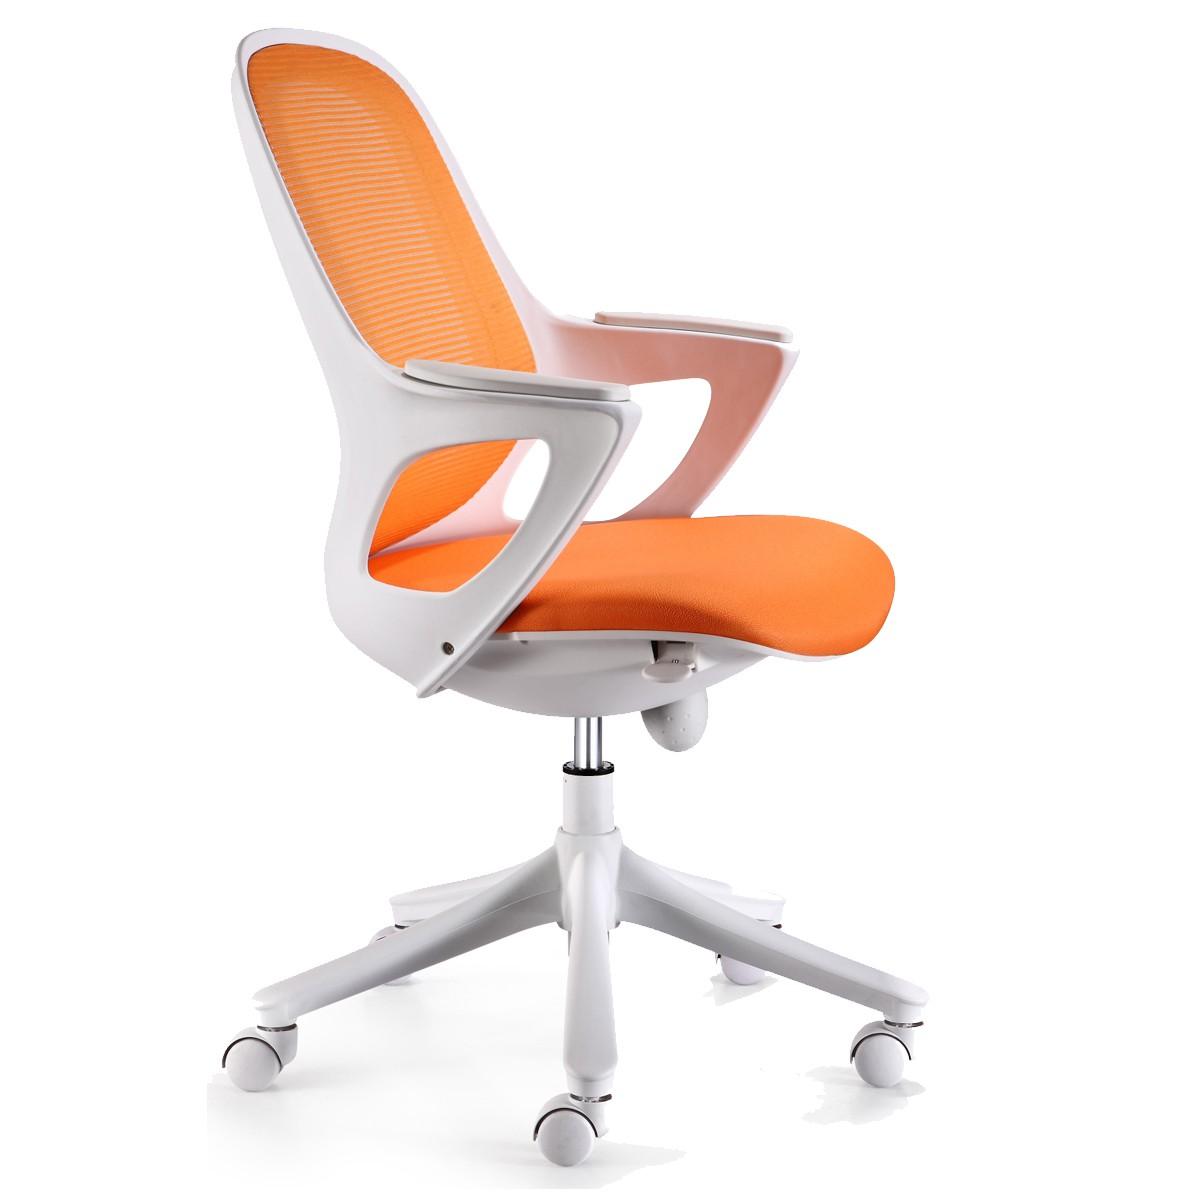 Bürostuhl weiß stoff  Amstyle Bürostuhl MAGLO Orange Stoff Schreibtischstuhl Drehstuhl ...